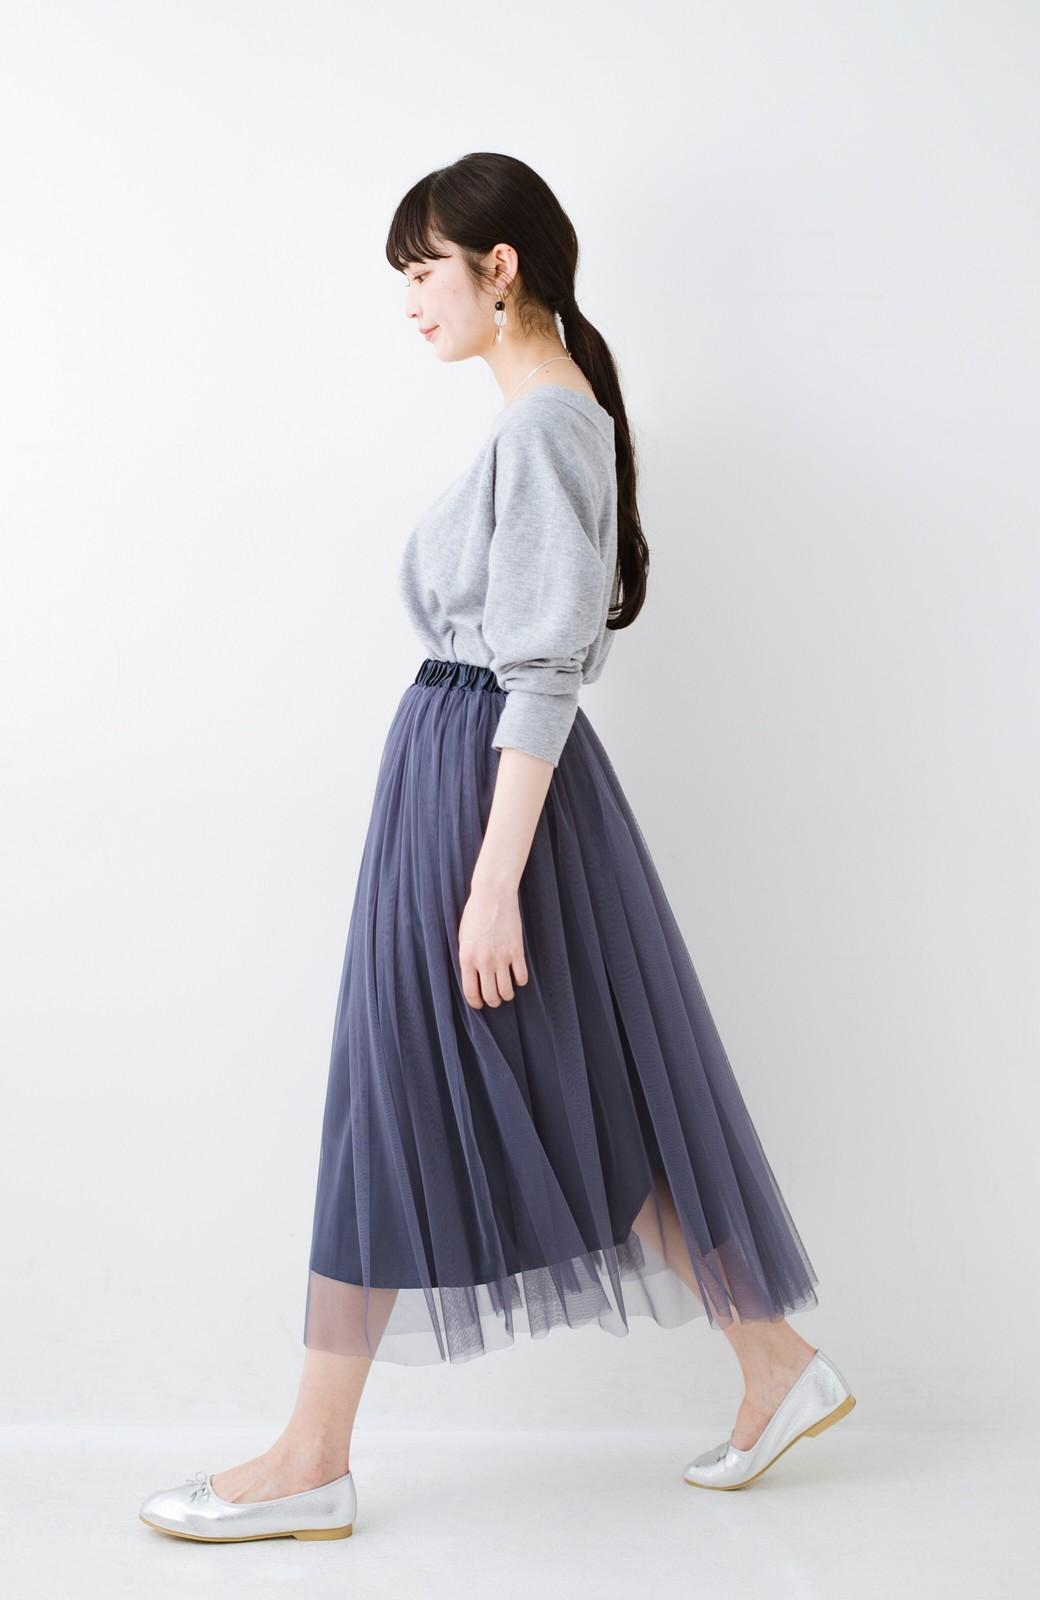 haco! 着るだけでルンとした気分になる! 長ーーい季節着られてずっと使えるオトナのためのチュールスカート <ネイビー>の商品写真14